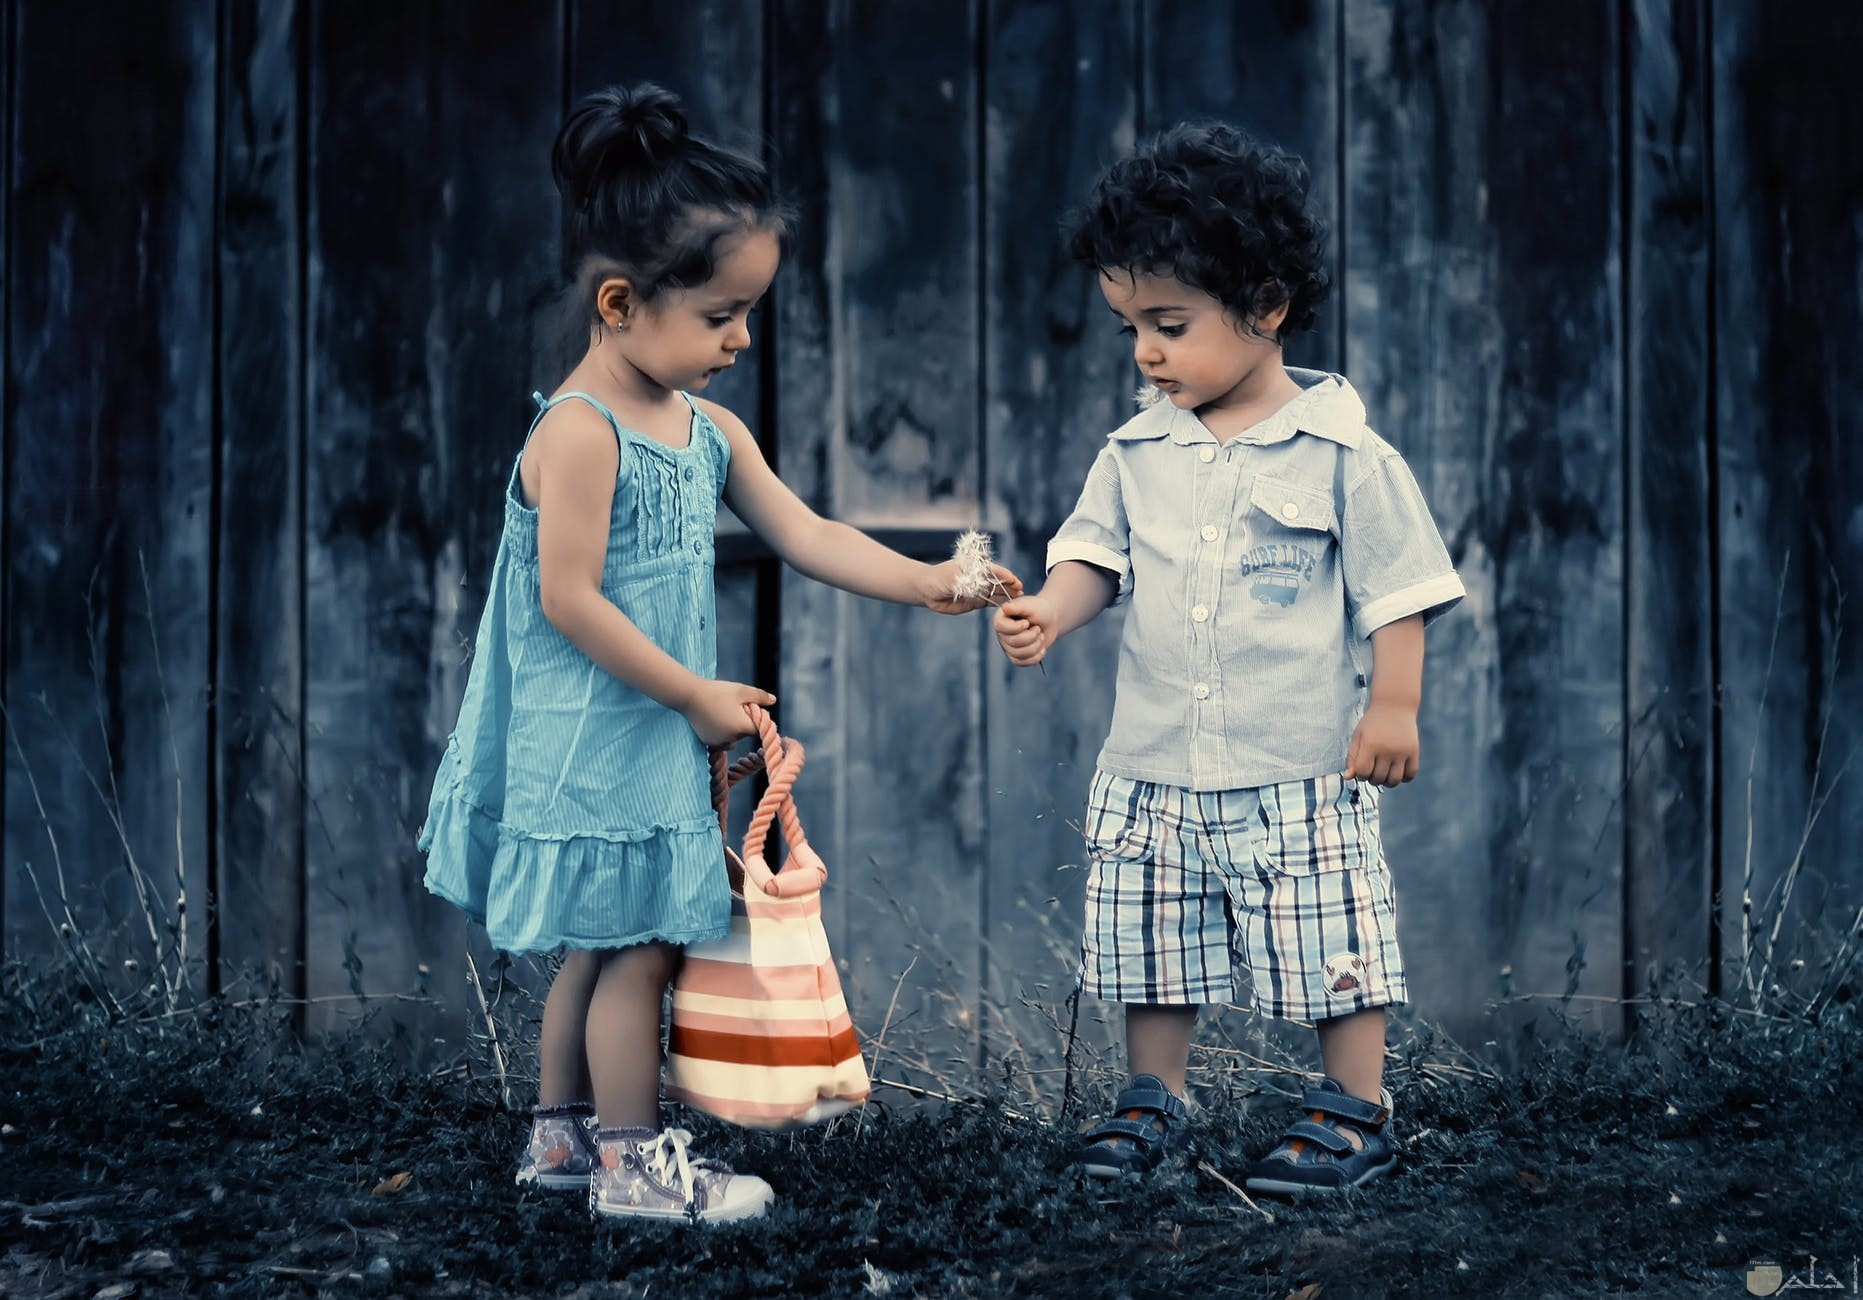 صورة اطفال يتبادلون الورد